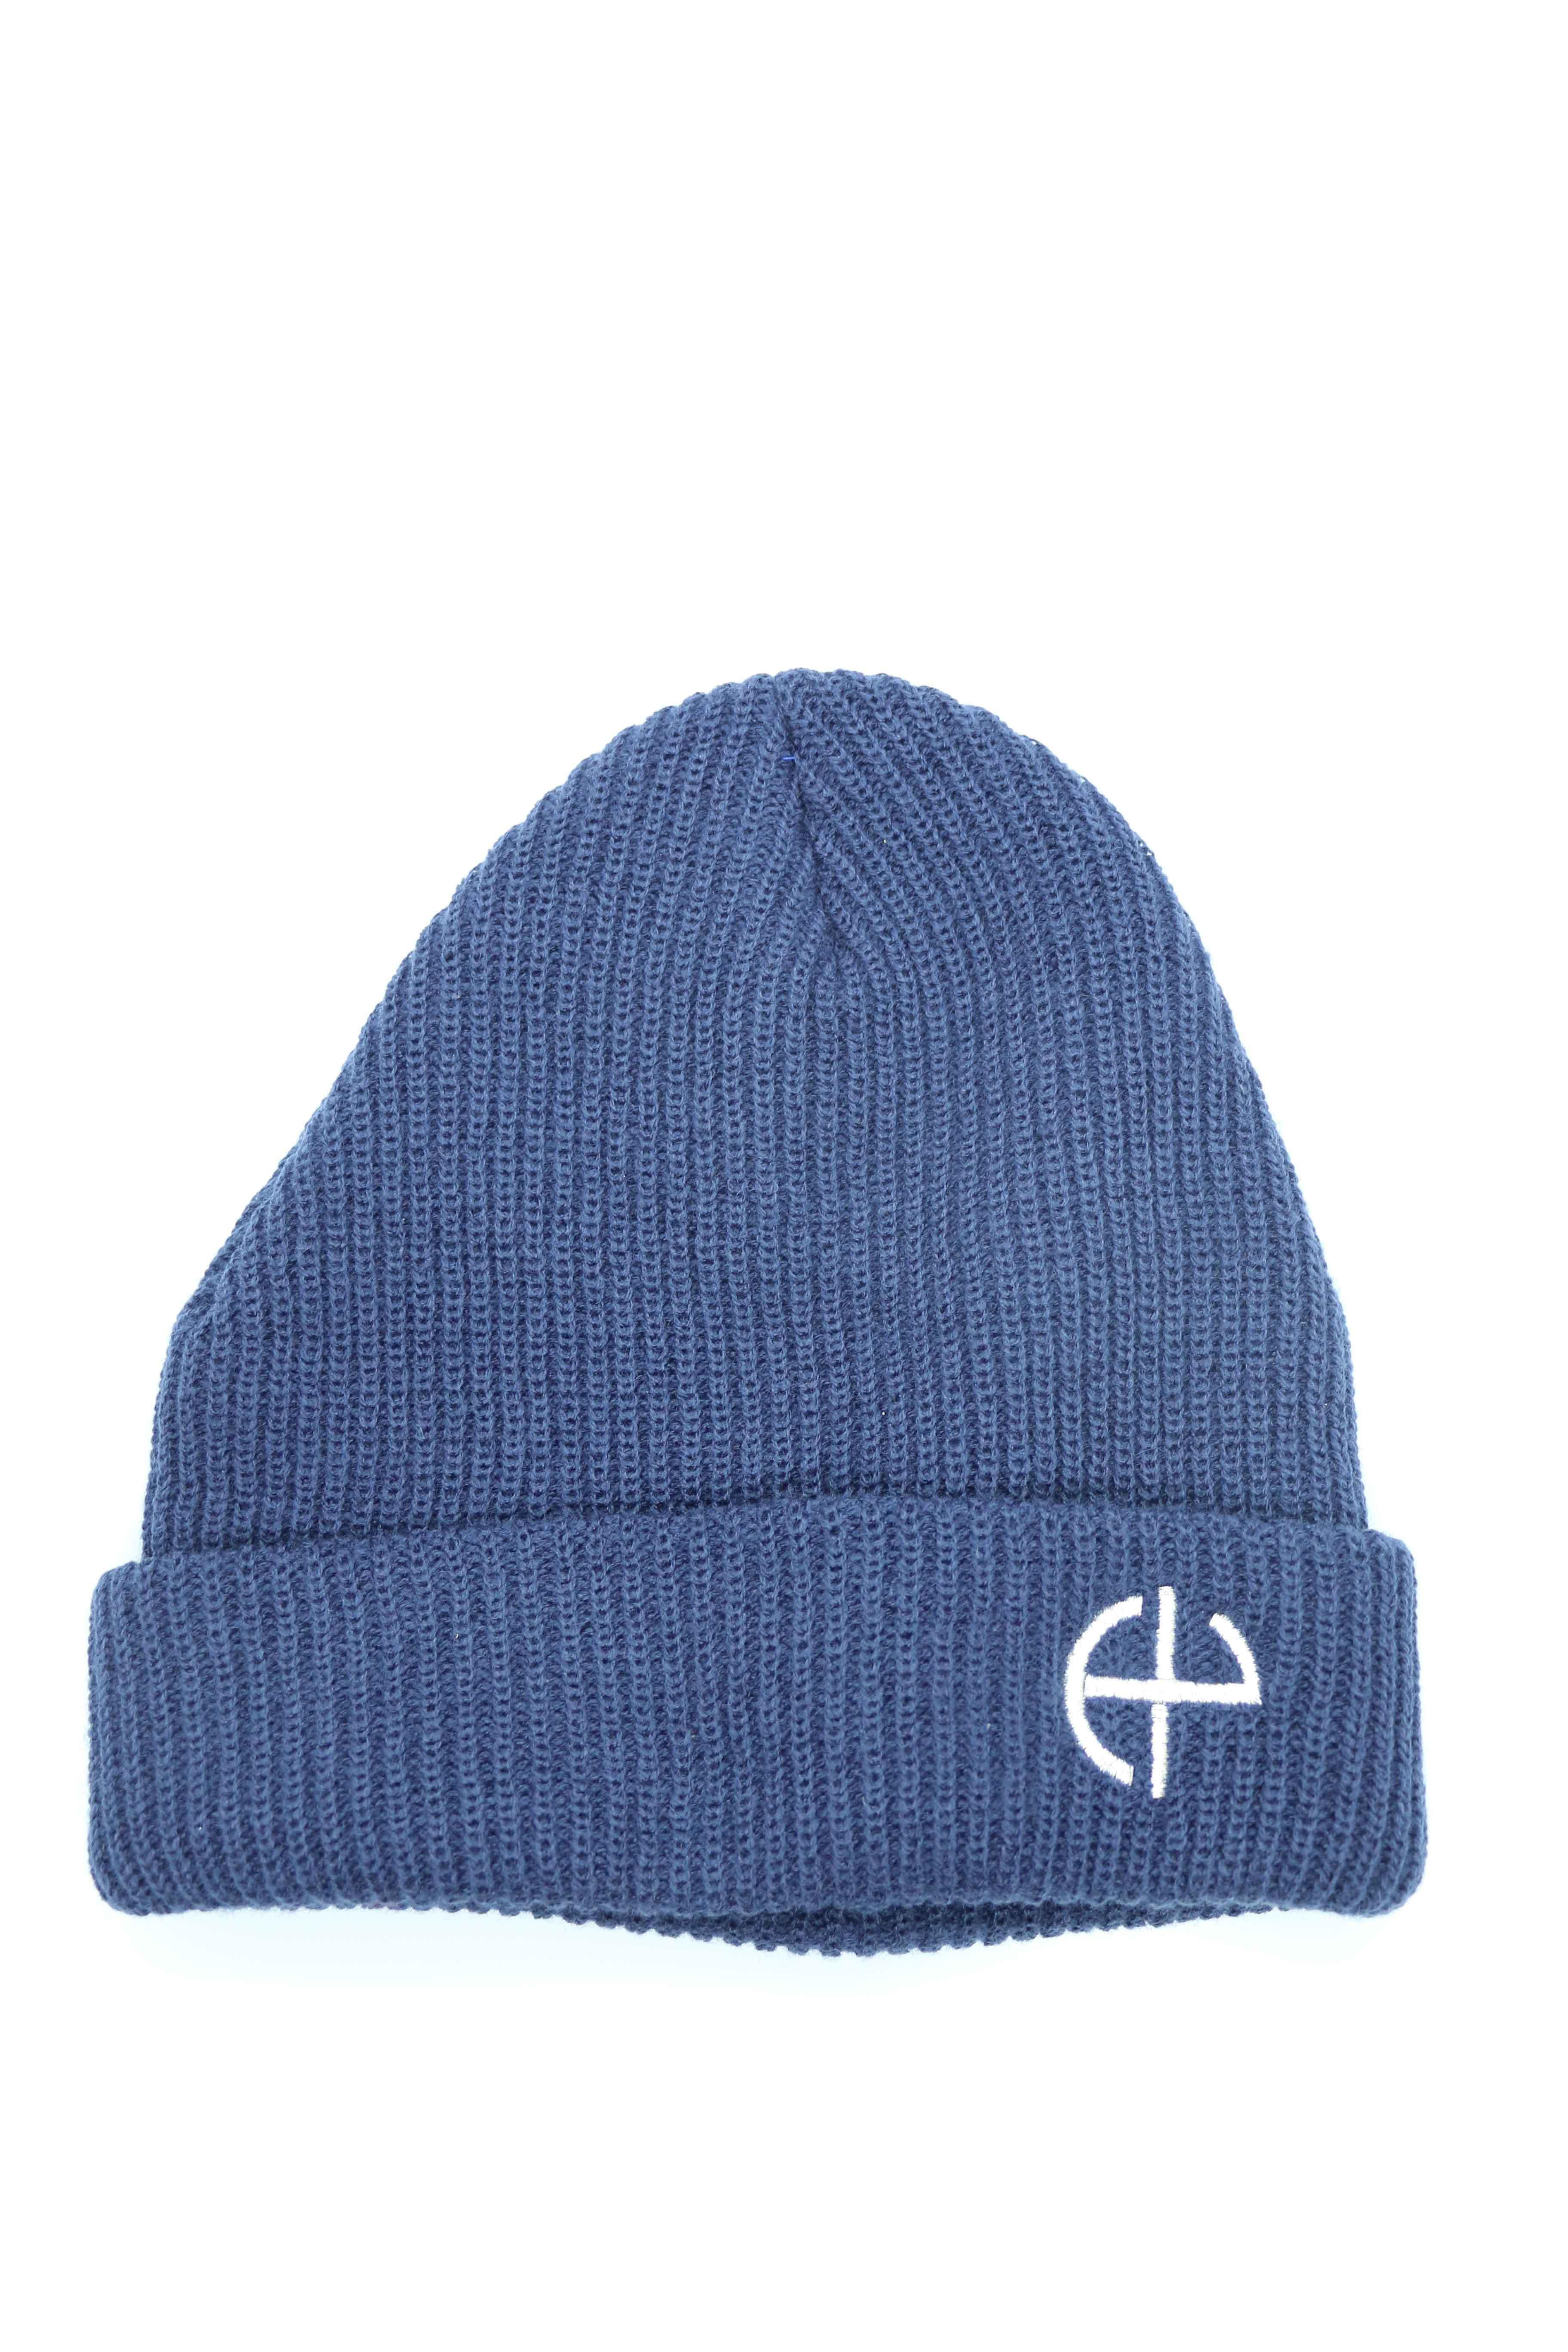 ニット帽(ネイビー)